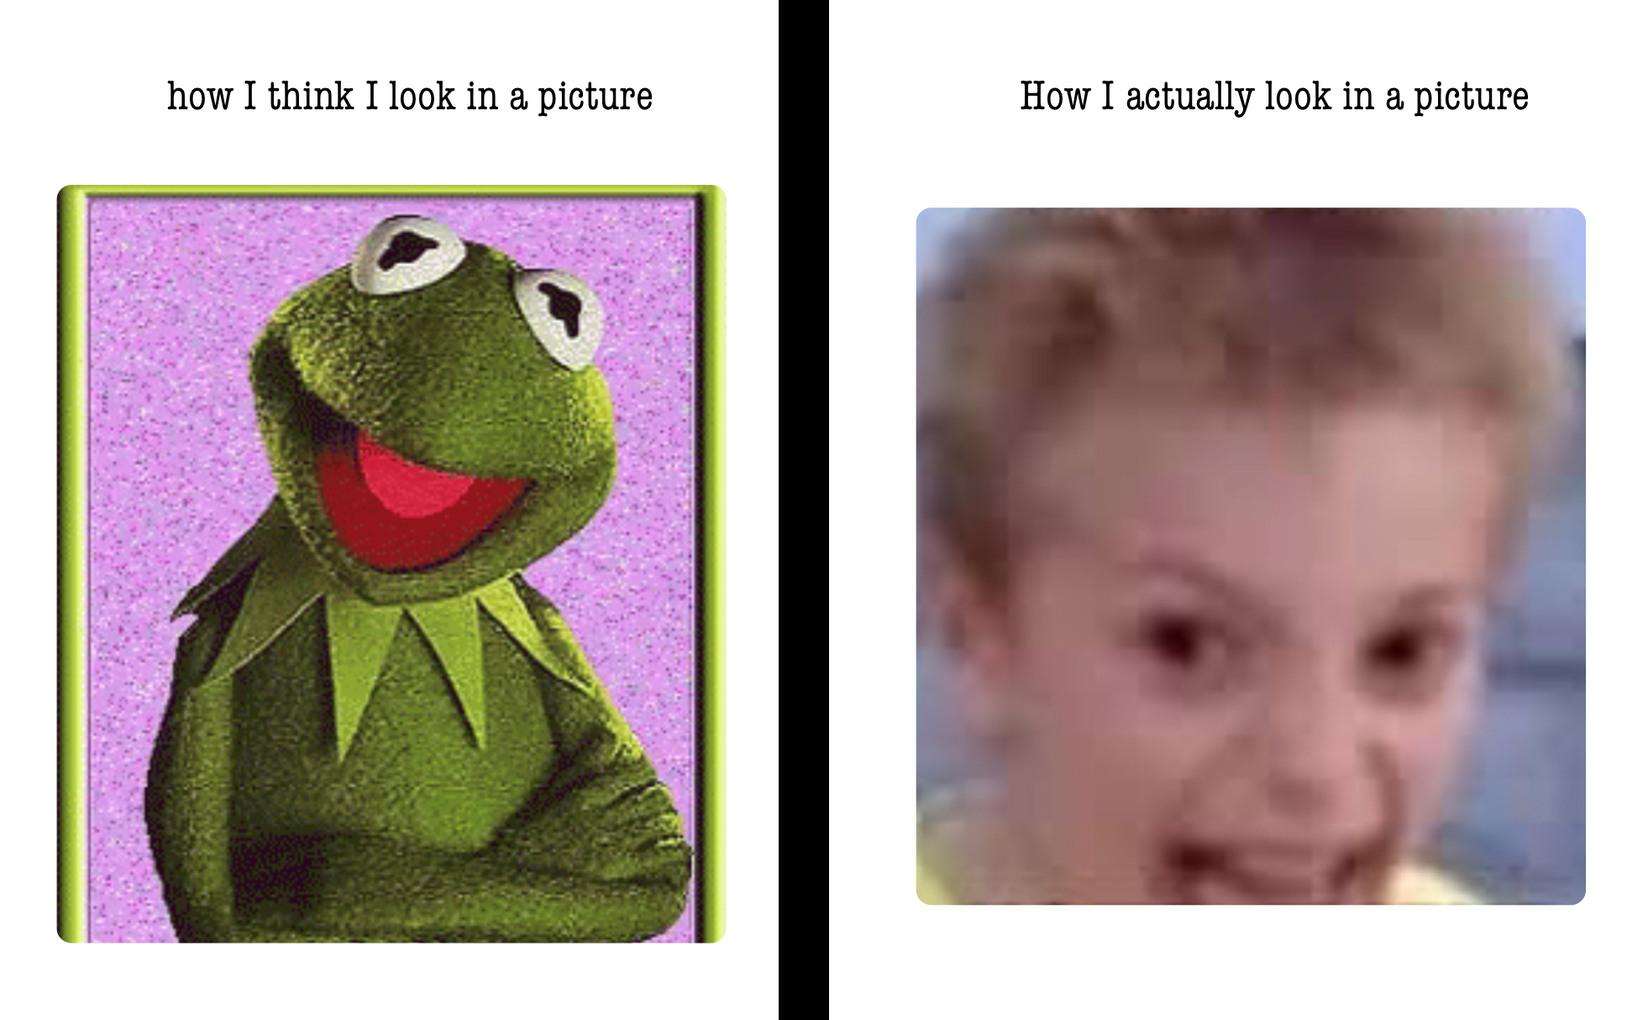 Yup dats me I'm da crack kid YAAAAAAAAAA - meme